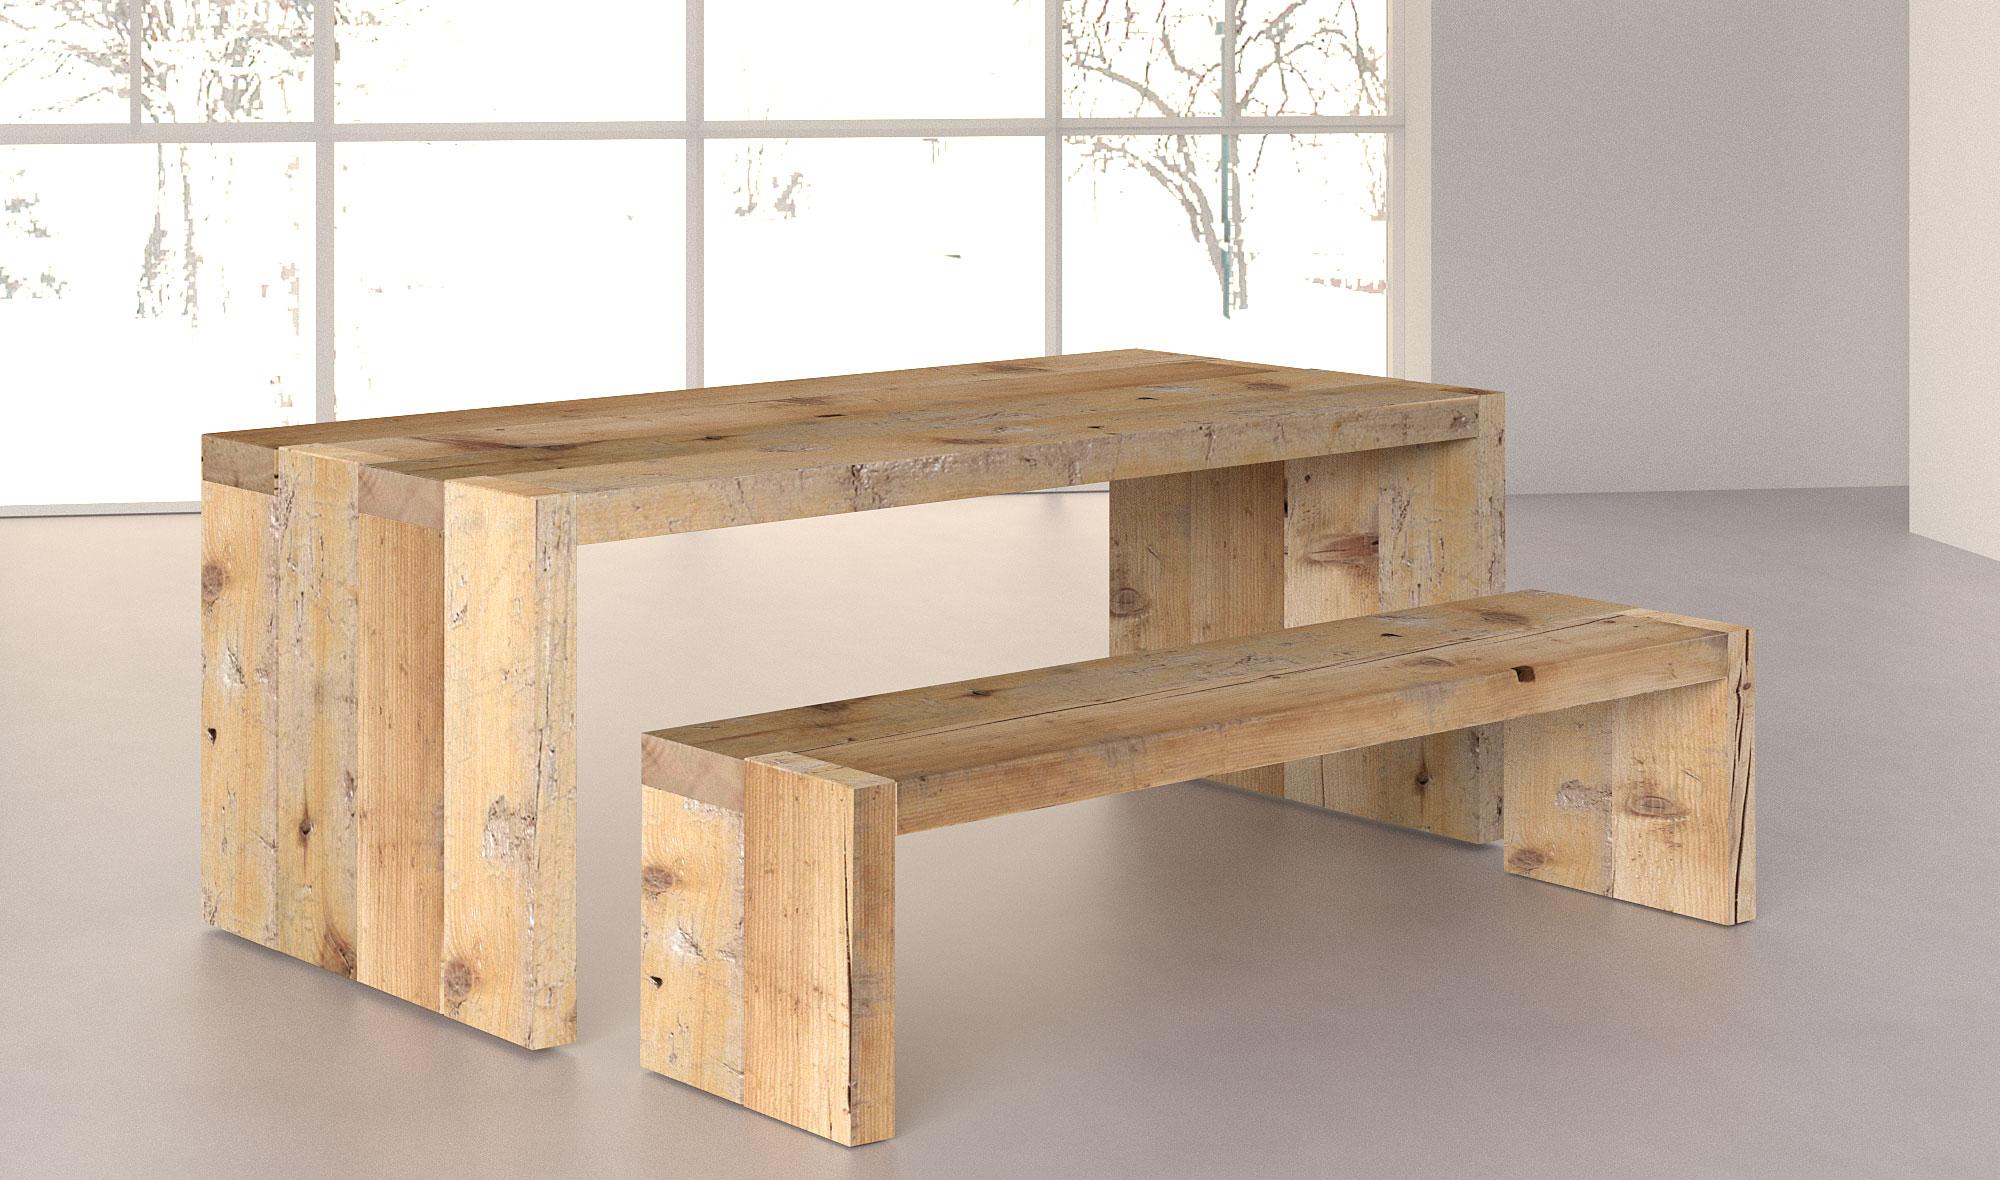 Mesa comedor denver de madera centenaria en - Mesas de exterior de madera ...